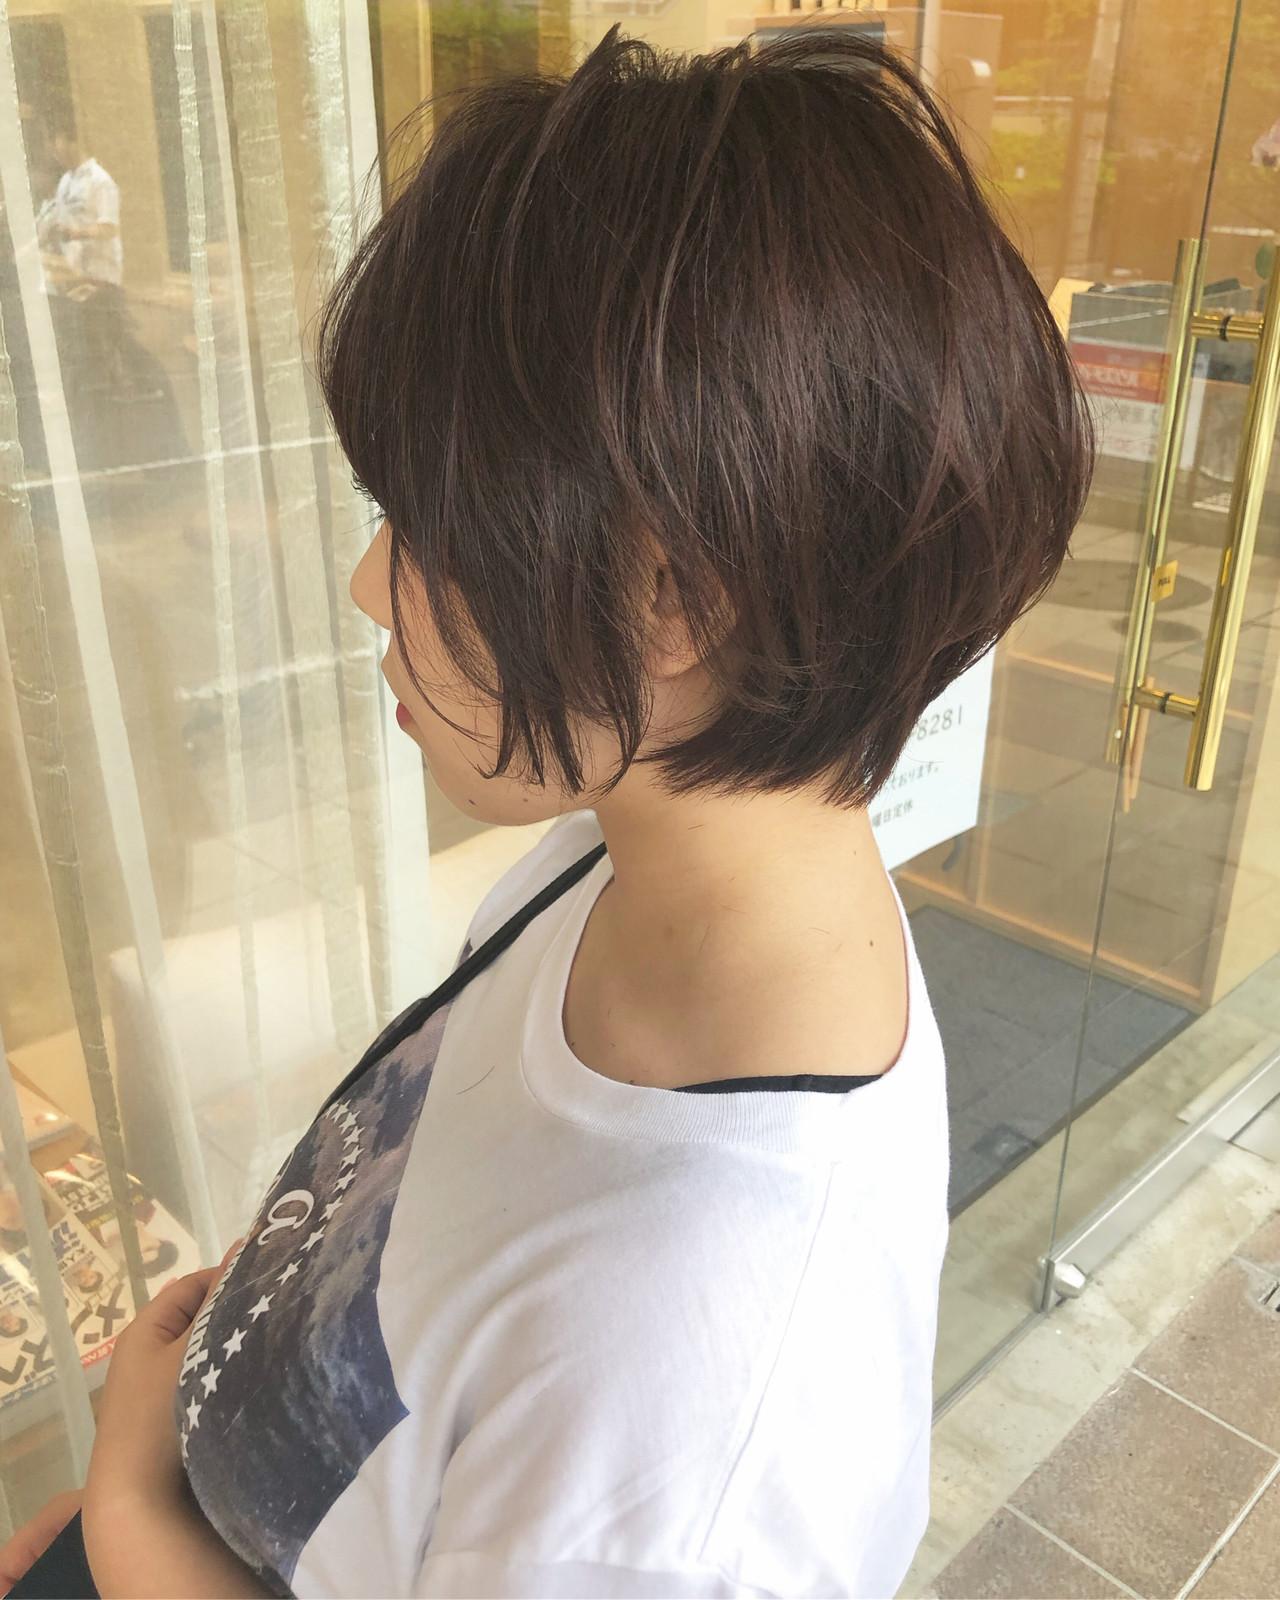 大人ショート ショートボブ ナチュラル ショートヘア ヘアスタイルや髪型の写真・画像 | 古関 拓弥 / TREAT HAIR DESIGN